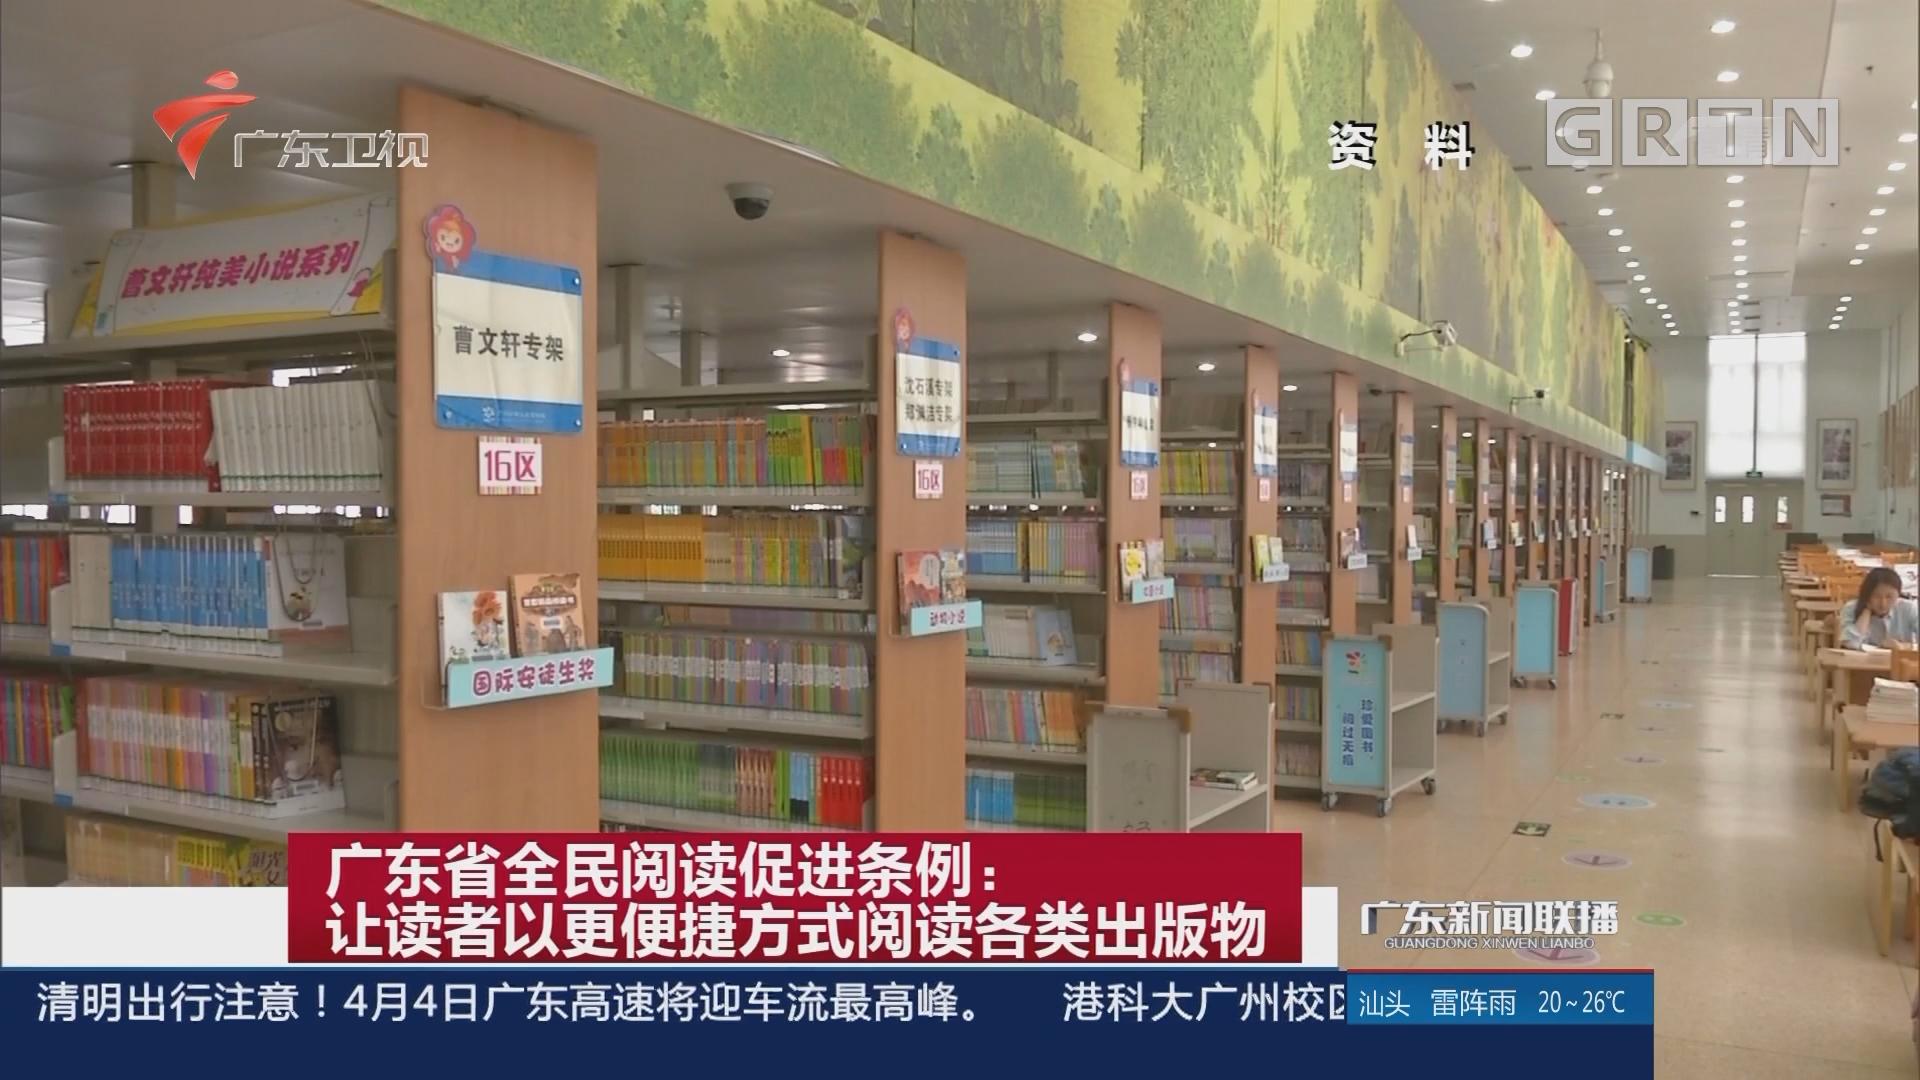 广东省全民阅读促进条例:让读者以更便捷方式阅读各类出版物